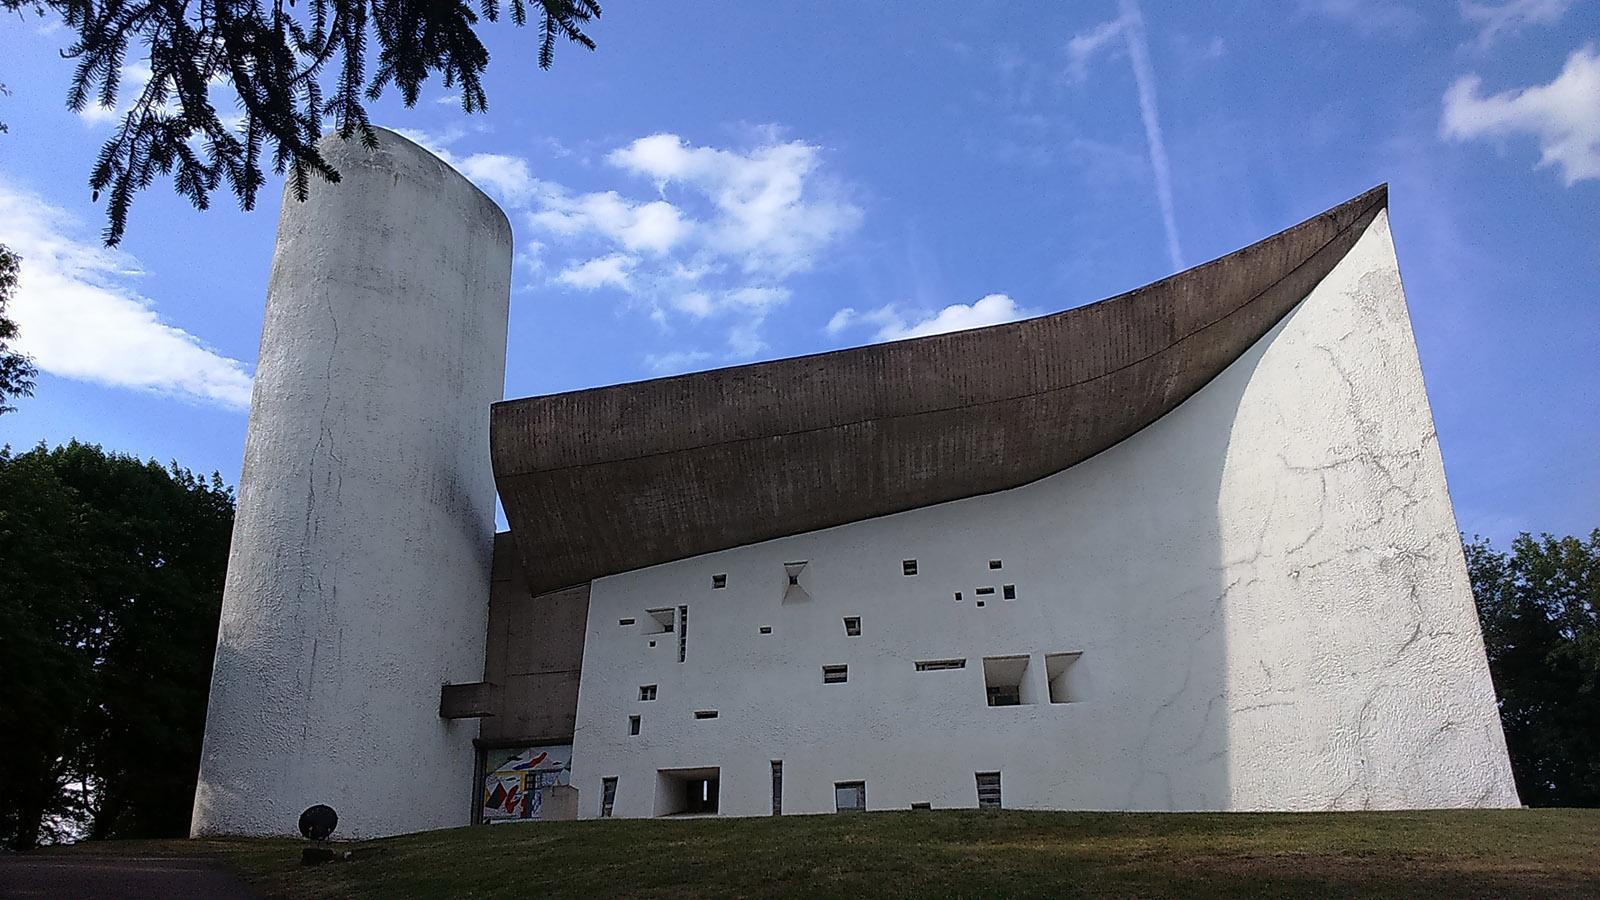 Die Corbusier-Kirche in Ronchamp. Foto: Gerda Schoch